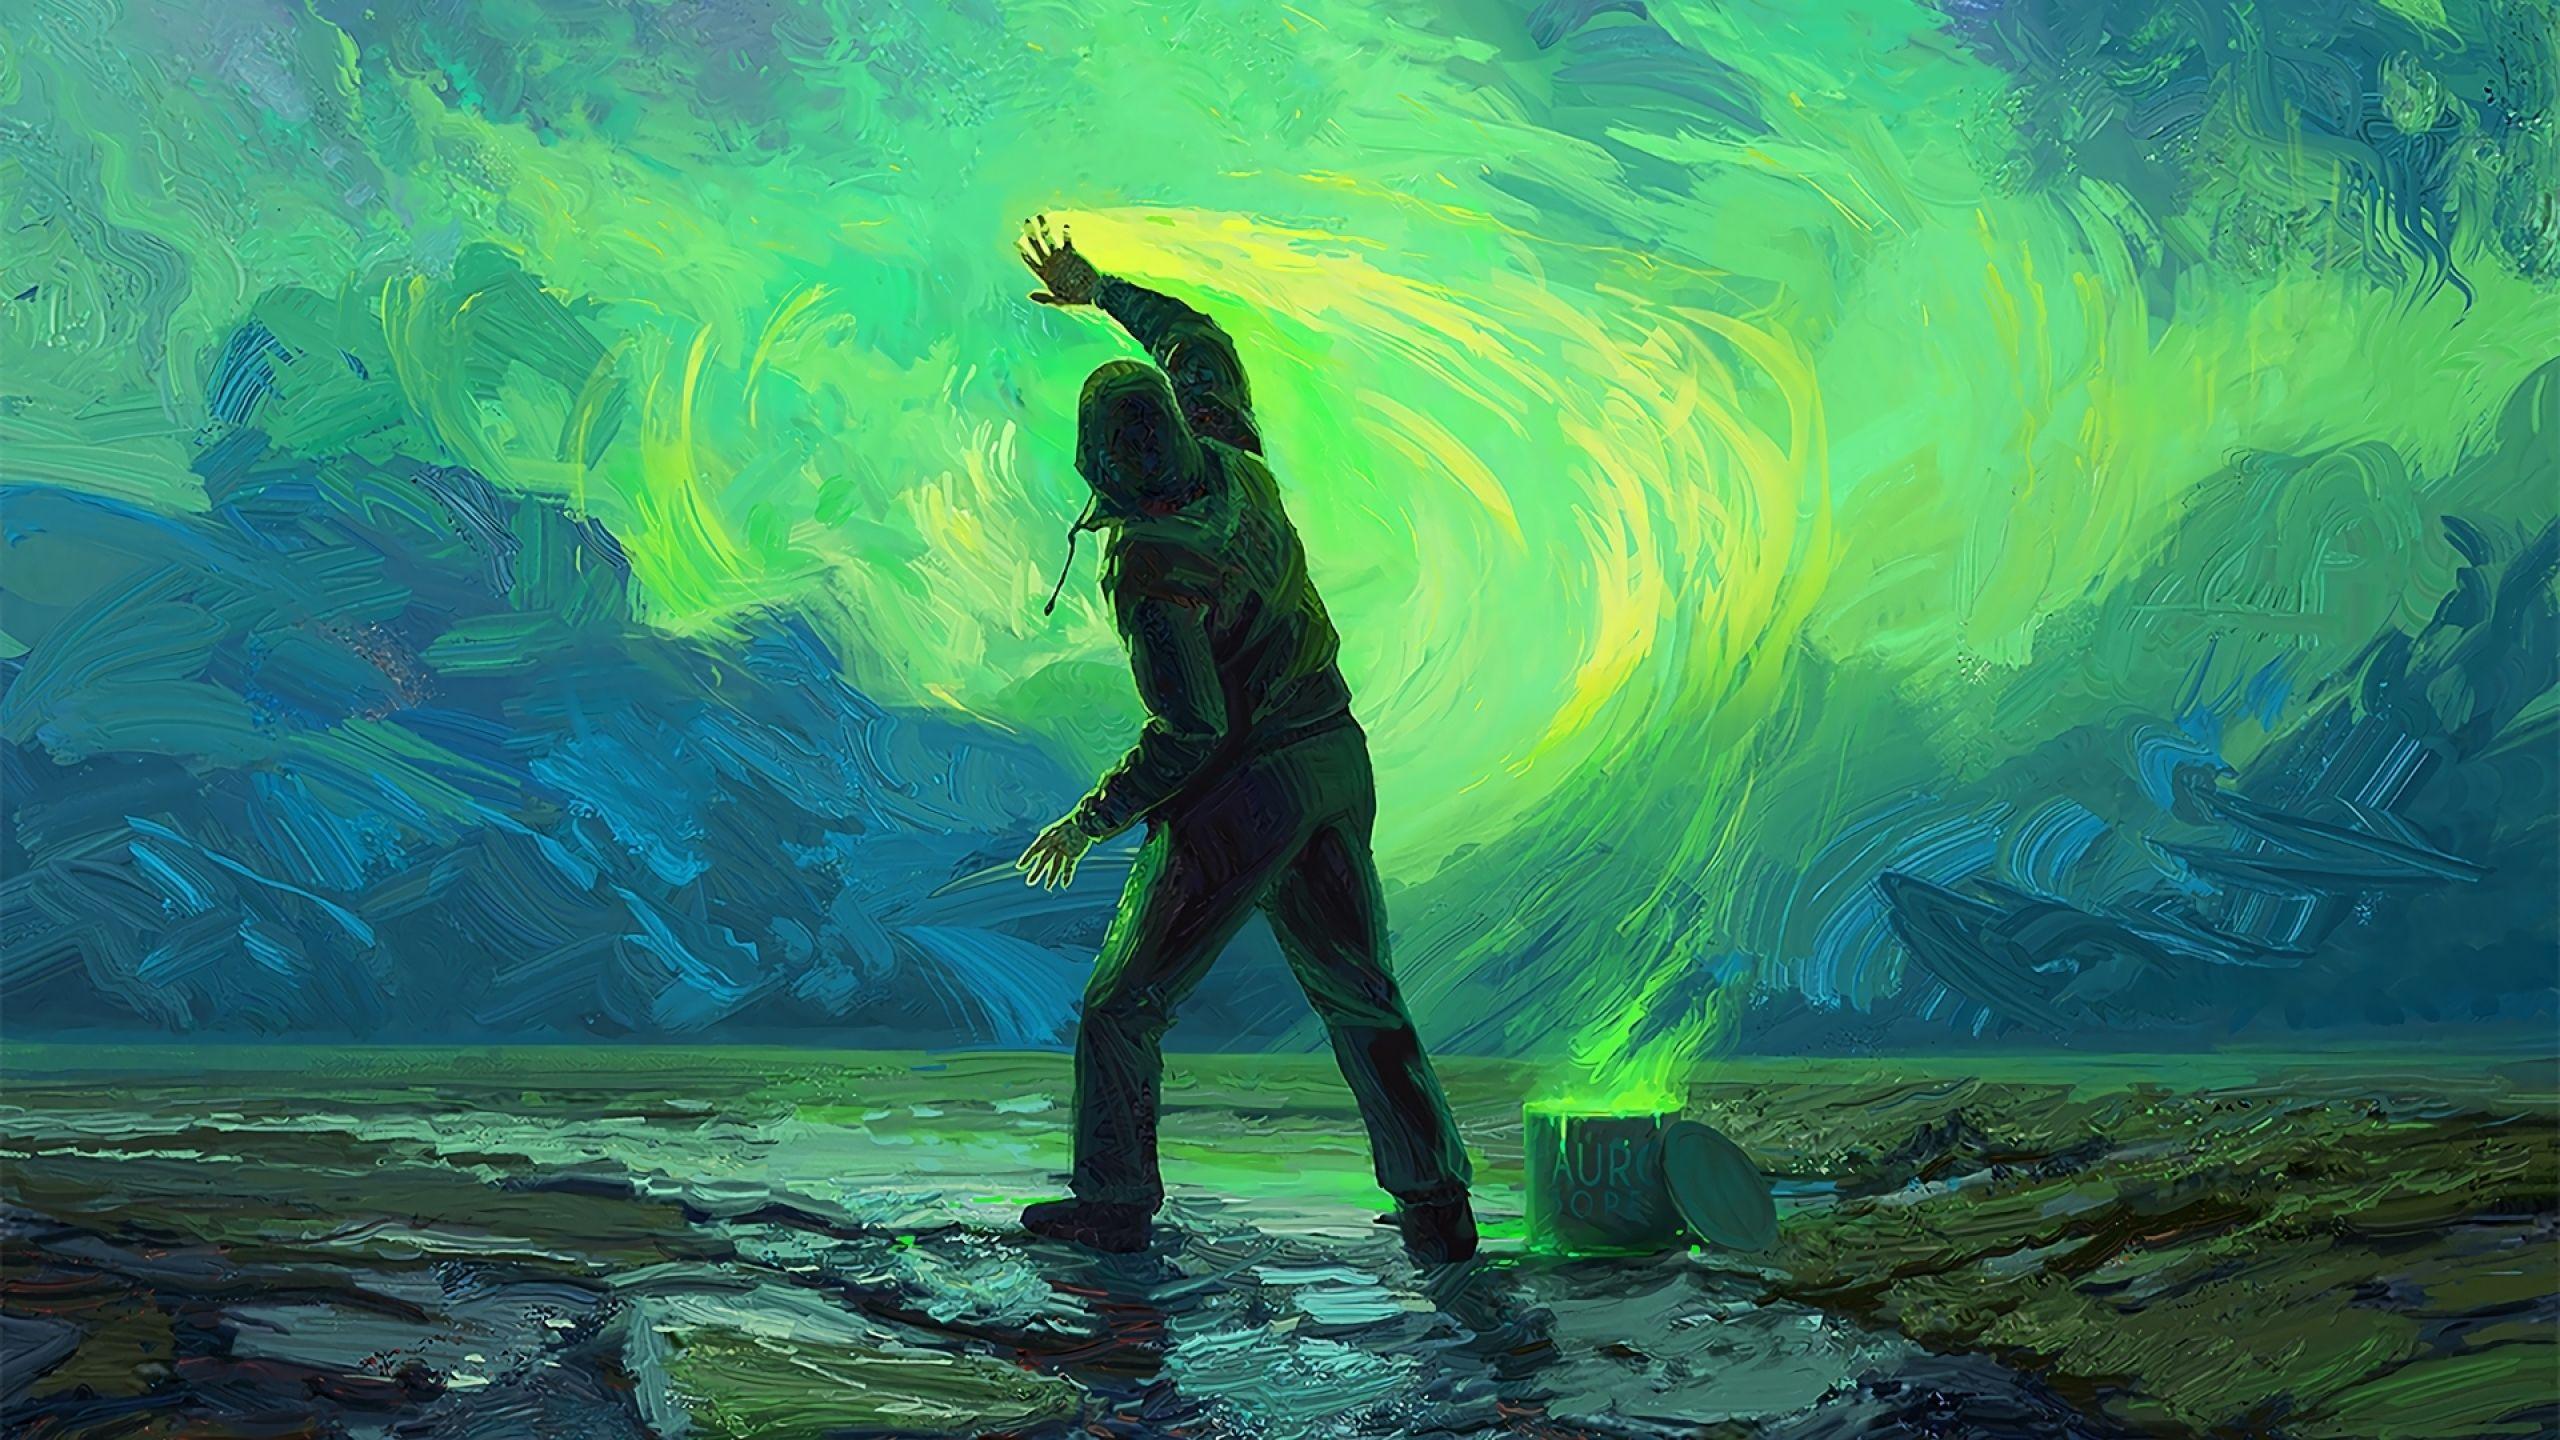 Green Art Wallpapers - Top Free Green Art Backgrounds - WallpaperAccess